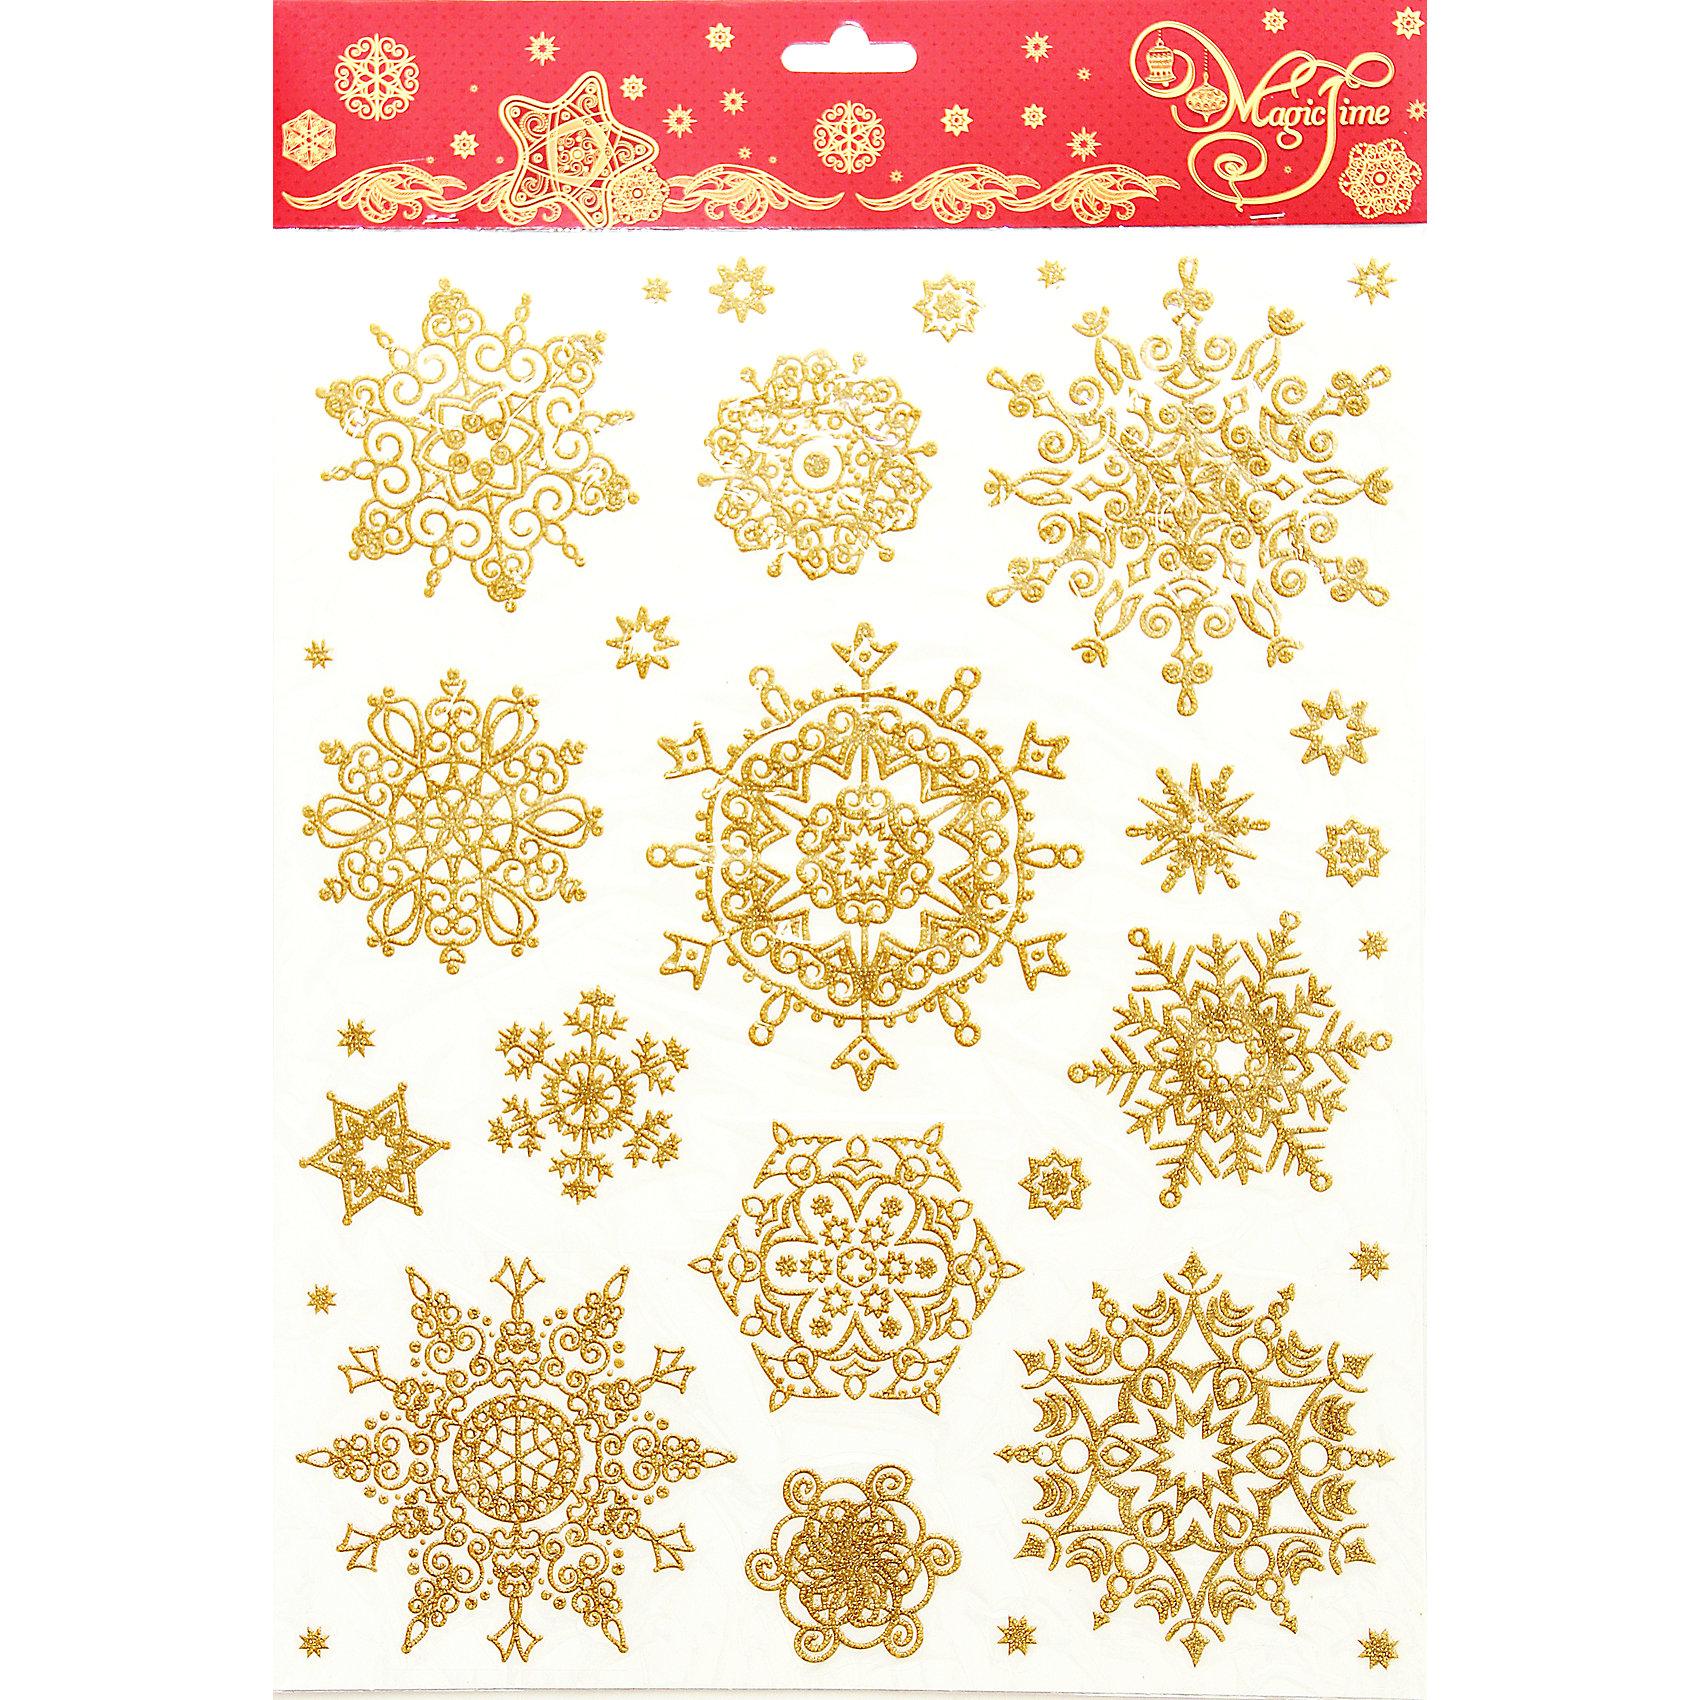 Украшение на окно Объемные золотые снежинки 30*38 смУкрашение на окно Объемные золотые снежинки 30*38 см – декоративное украшение создаст новогоднее настроение и принесёт радость детям.<br>Украшение на окно Объемные золотые снежинки сделает ваше окно сказочно красивым, создаст впечатление свежести, настоящего мороза и наполнит дом ощущением предстоящих Новогодних праздников. Украшение изготовлено из ПВХ пленки, декорировано глиттером. Крепится к гладкой поверхности стекла посредством статистического эффекта.<br><br>Дополнительная информация:<br><br>- Размер: 30 х 38 см.<br>- Материал: ПВХ пленка<br>- Декорировано глиттером<br><br>Украшение на окно Объемные золотые снежинки 30*38 см можно купить в нашем интернет-магазине.<br><br>Ширина мм: 1<br>Глубина мм: 300<br>Высота мм: 440<br>Вес г: 75<br>Возраст от месяцев: 36<br>Возраст до месяцев: 2147483647<br>Пол: Унисекс<br>Возраст: Детский<br>SKU: 4274760